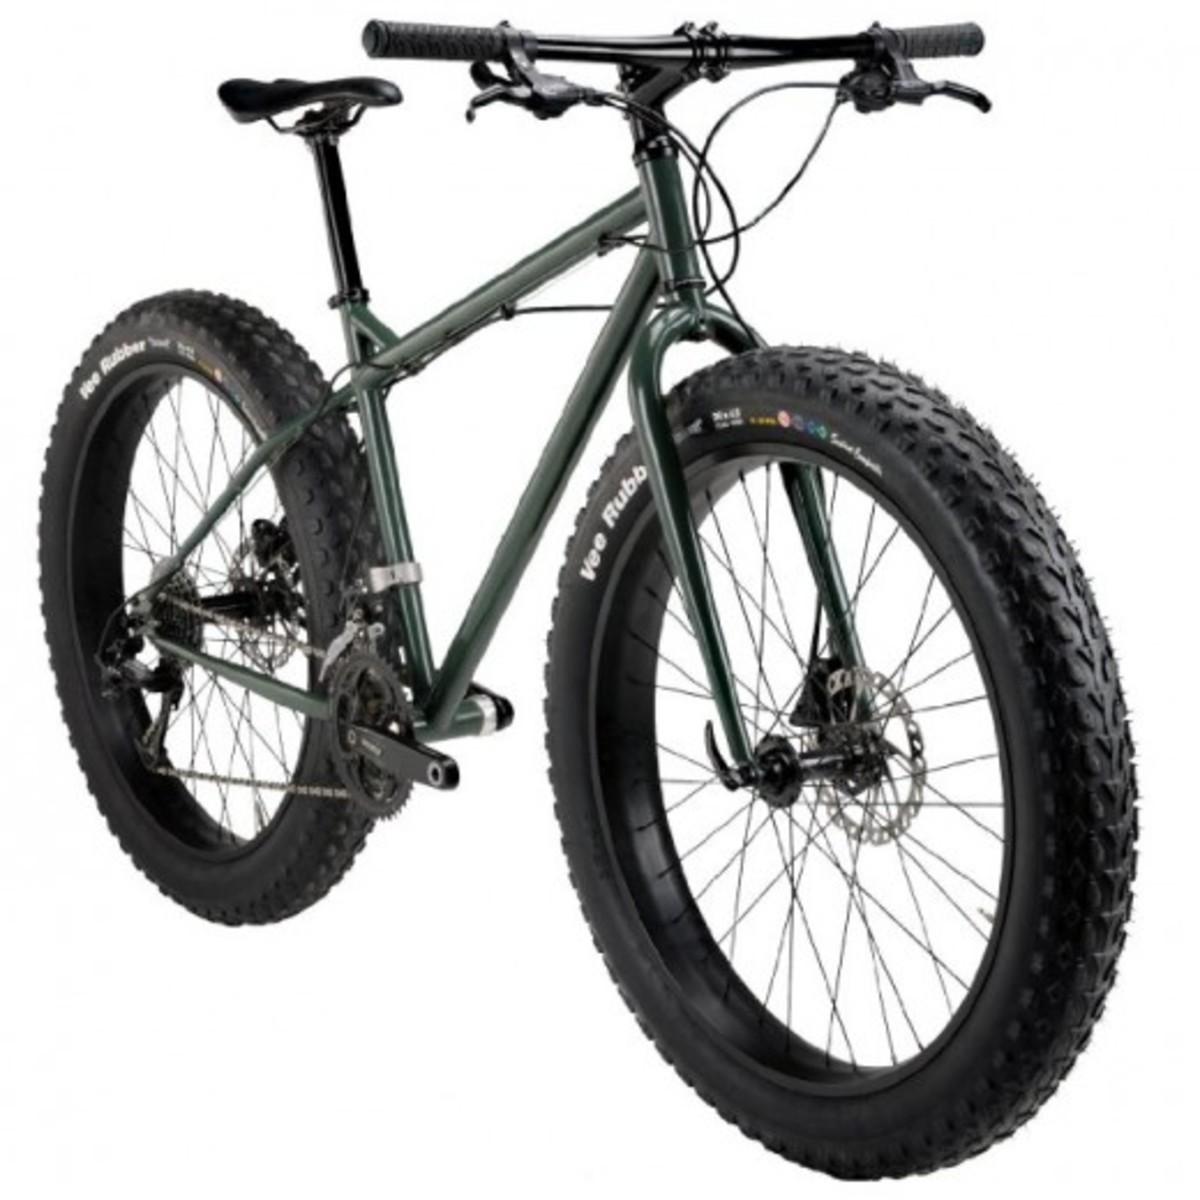 Nashbar fat mountain bike.